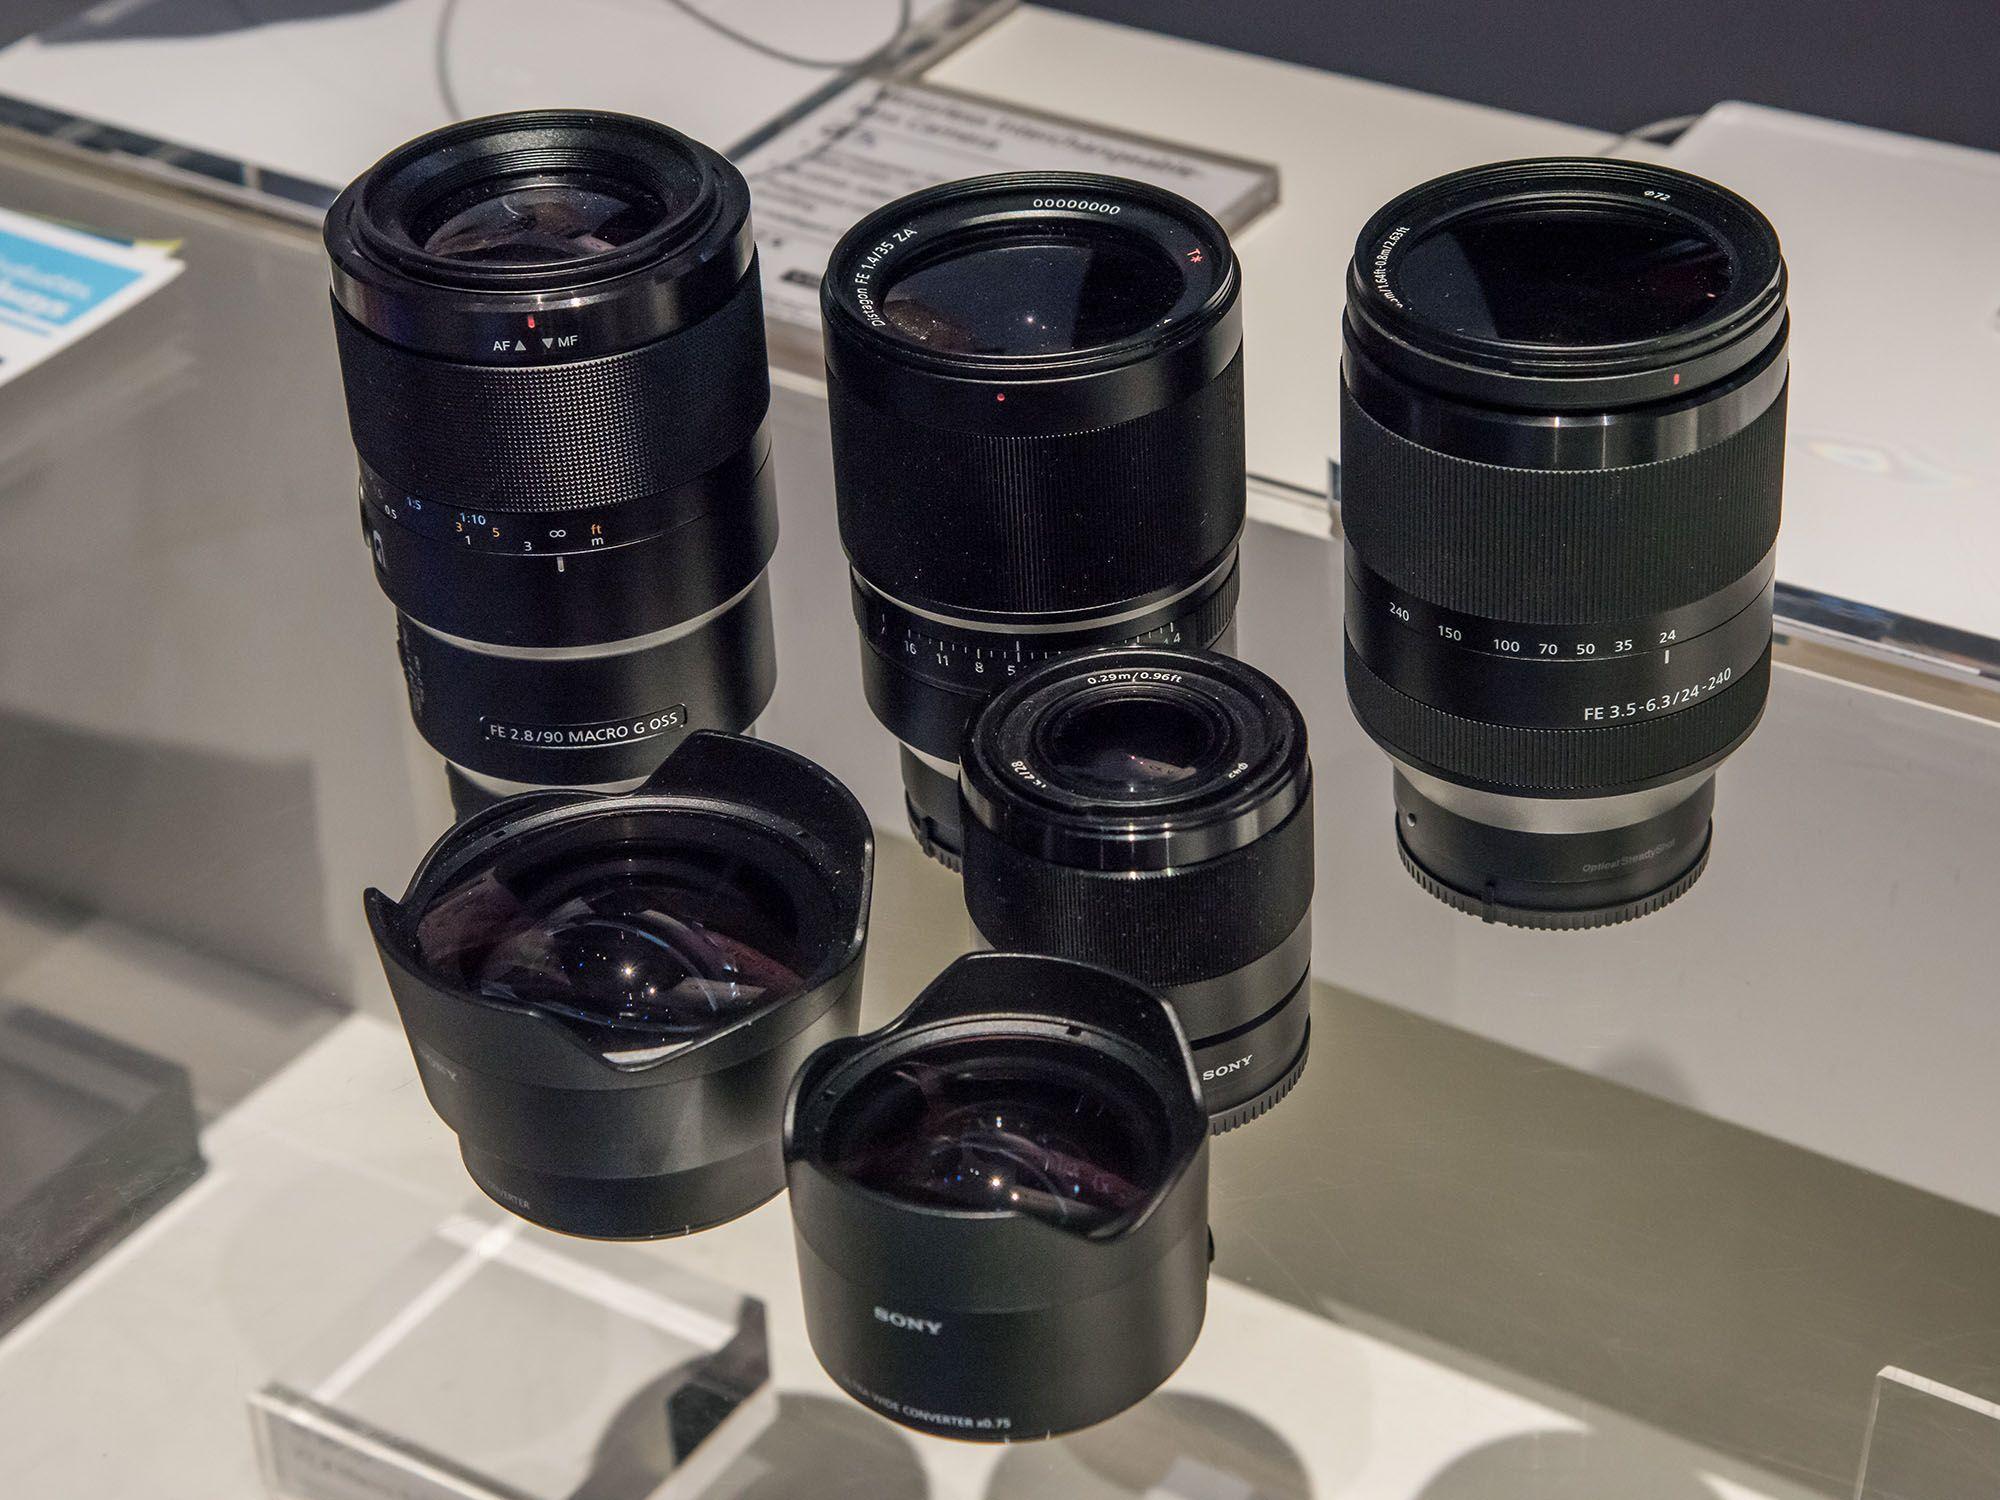 Sony Fe 90mm F 28 Macro G Oss 24 240mm 35 63 Distagon T 35mm 14 Za Lens 28mm 2 Ultra Wide Converter Fisheye